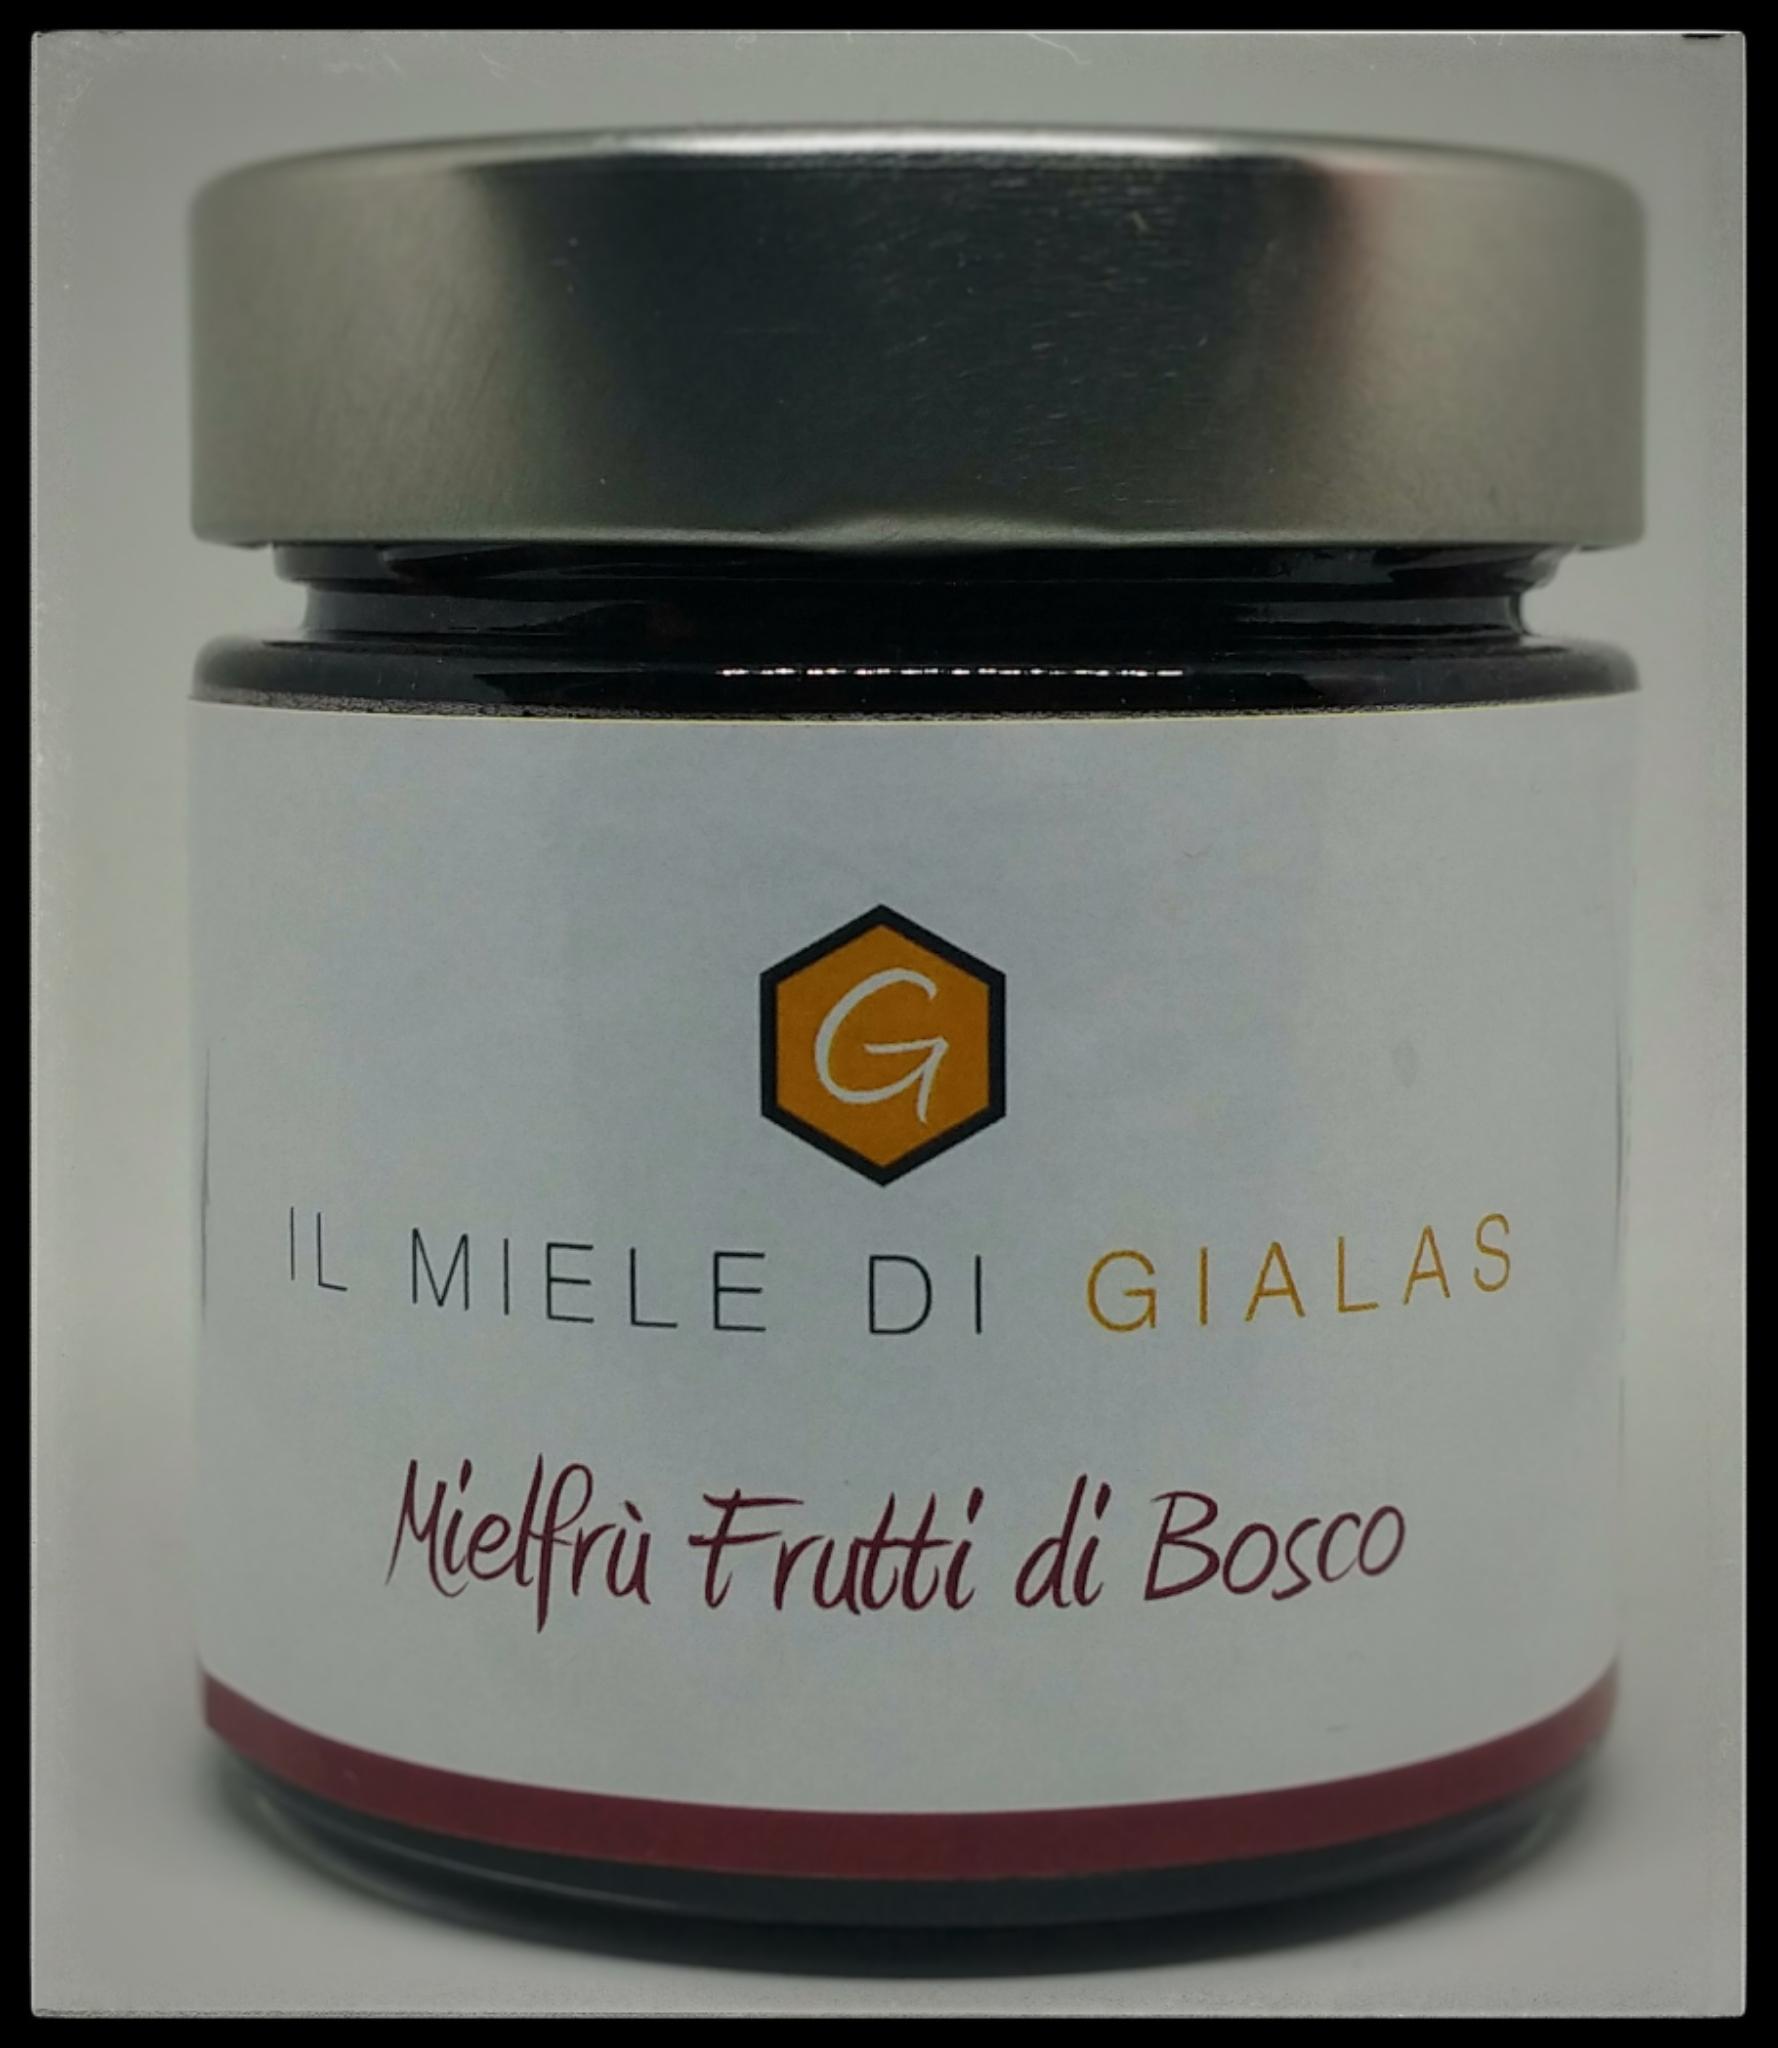 Mielfrù Frutti di Bosco 00087